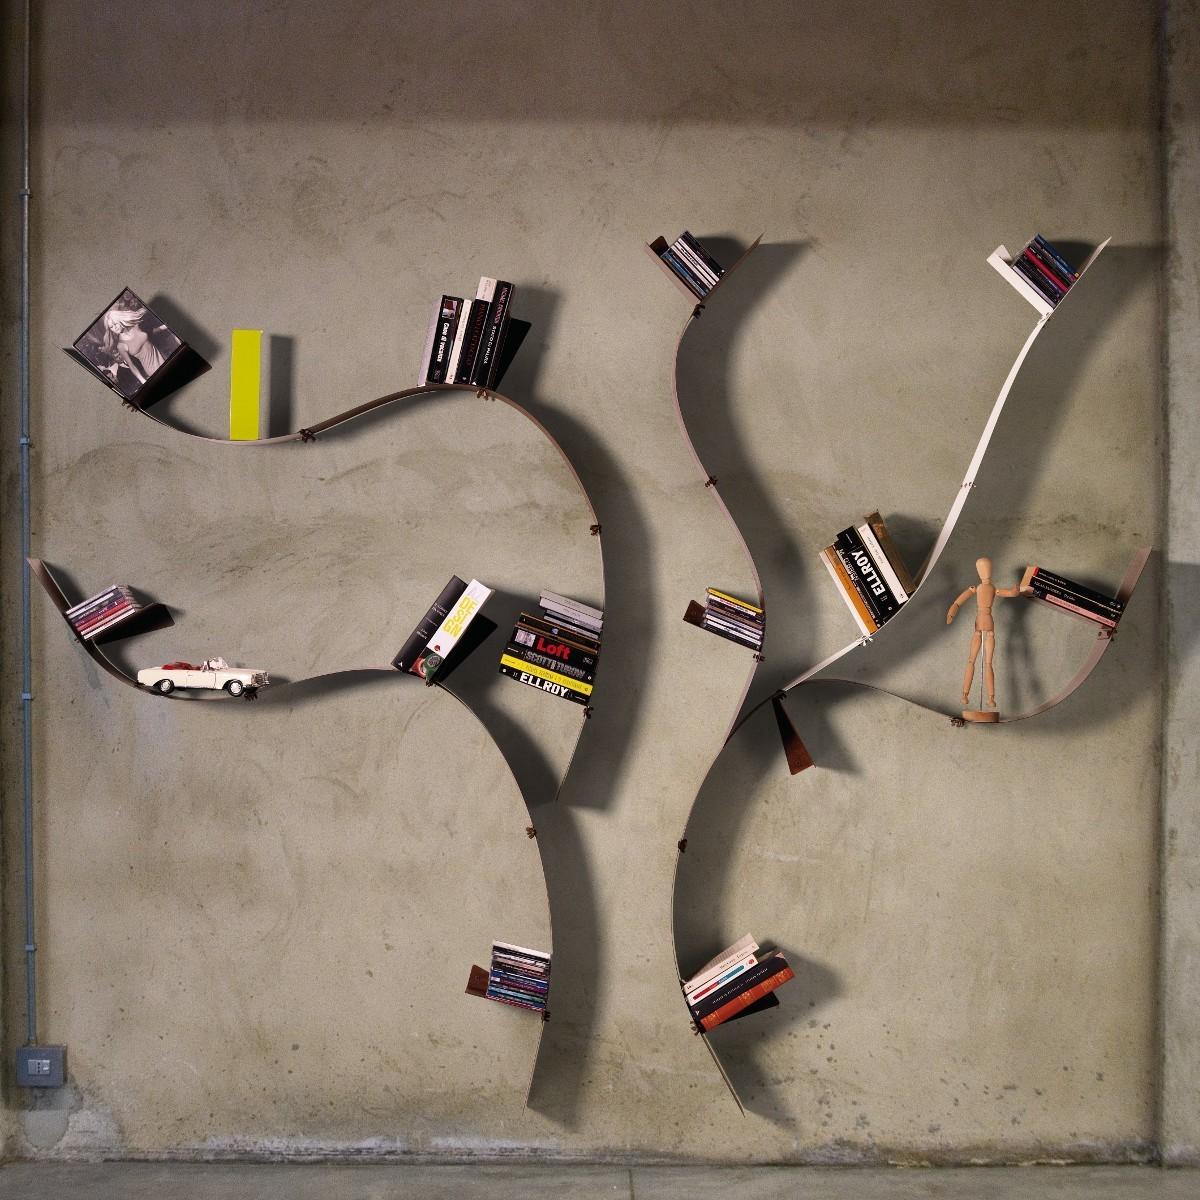 Libreria da parete wallboarding a in acciaio a forma di albero - Libreria a parete ...